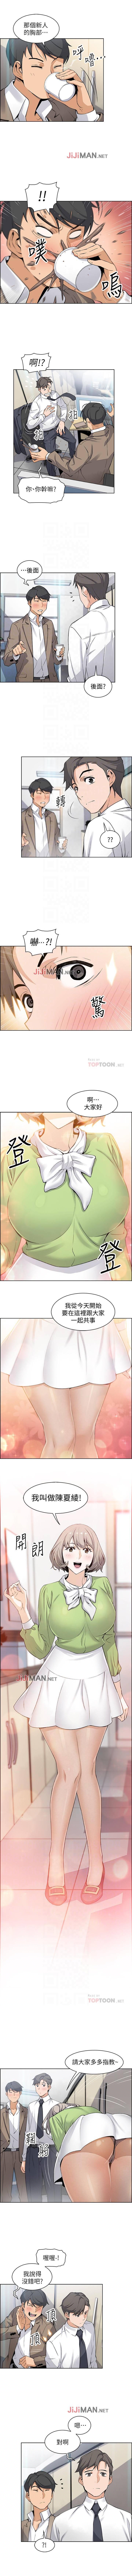 【周四连载】前女友变女佣(作者:PAPER&頸枕) 第1~33话 107